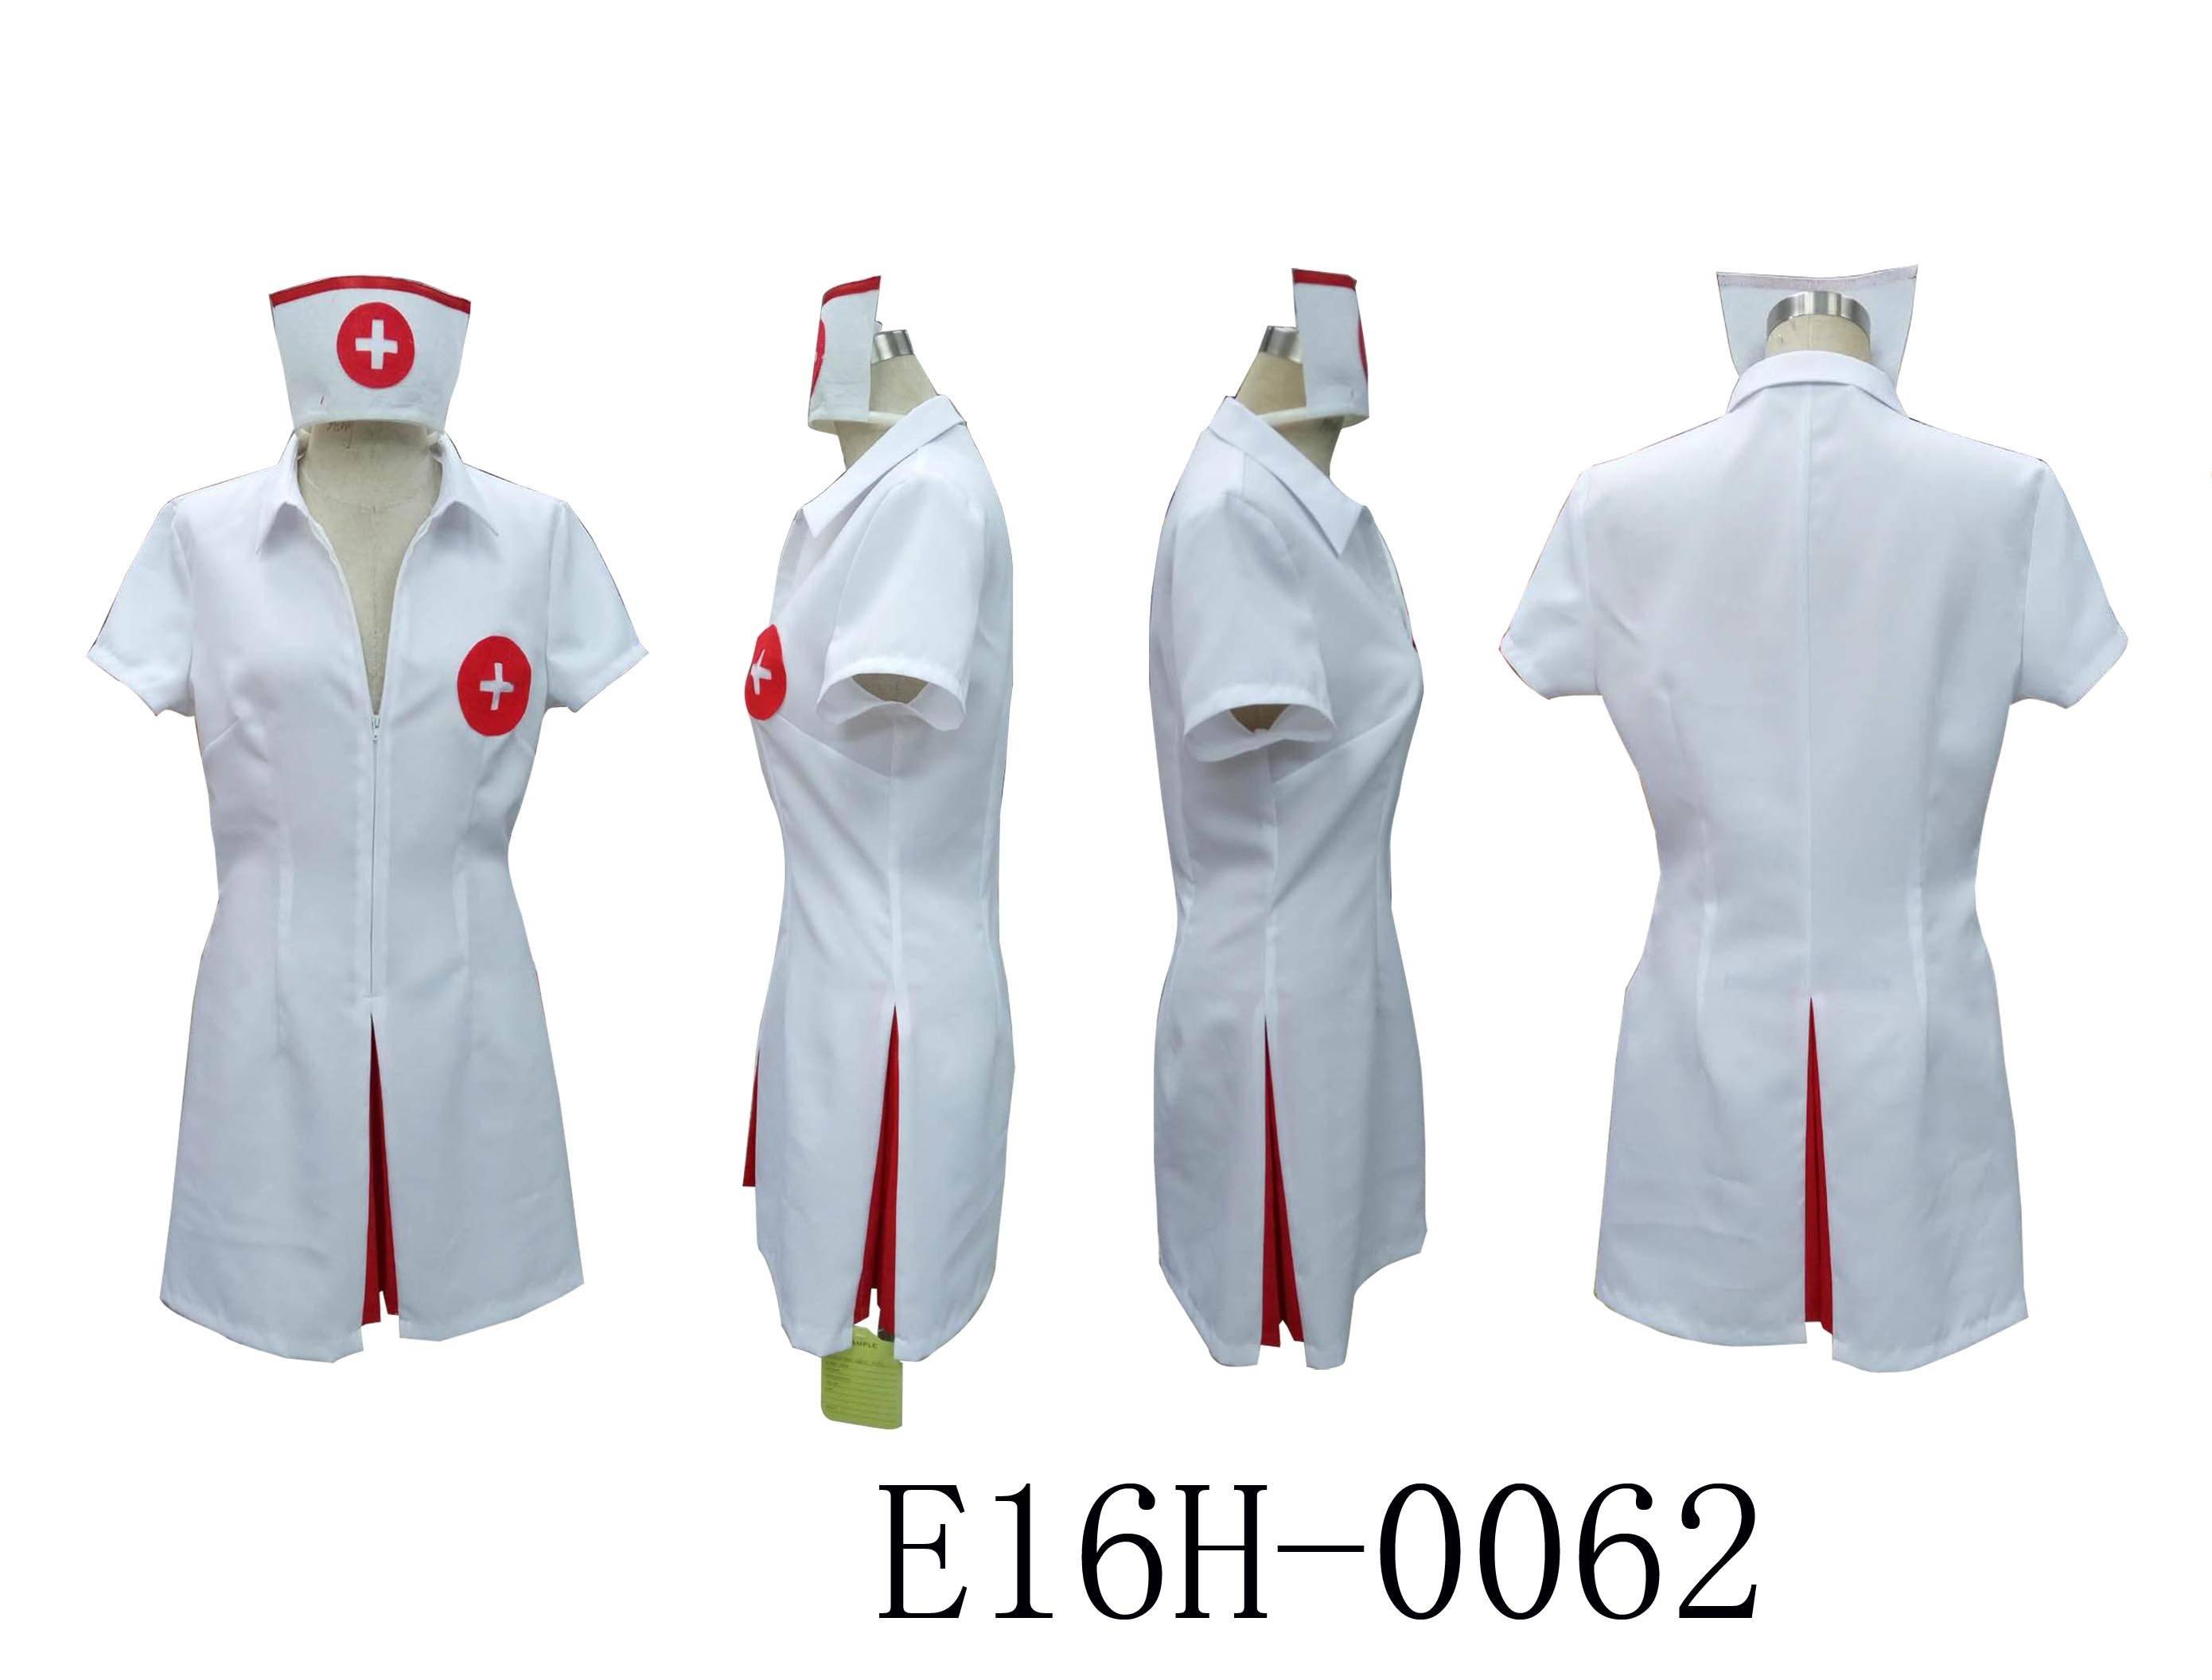 E16H-0062